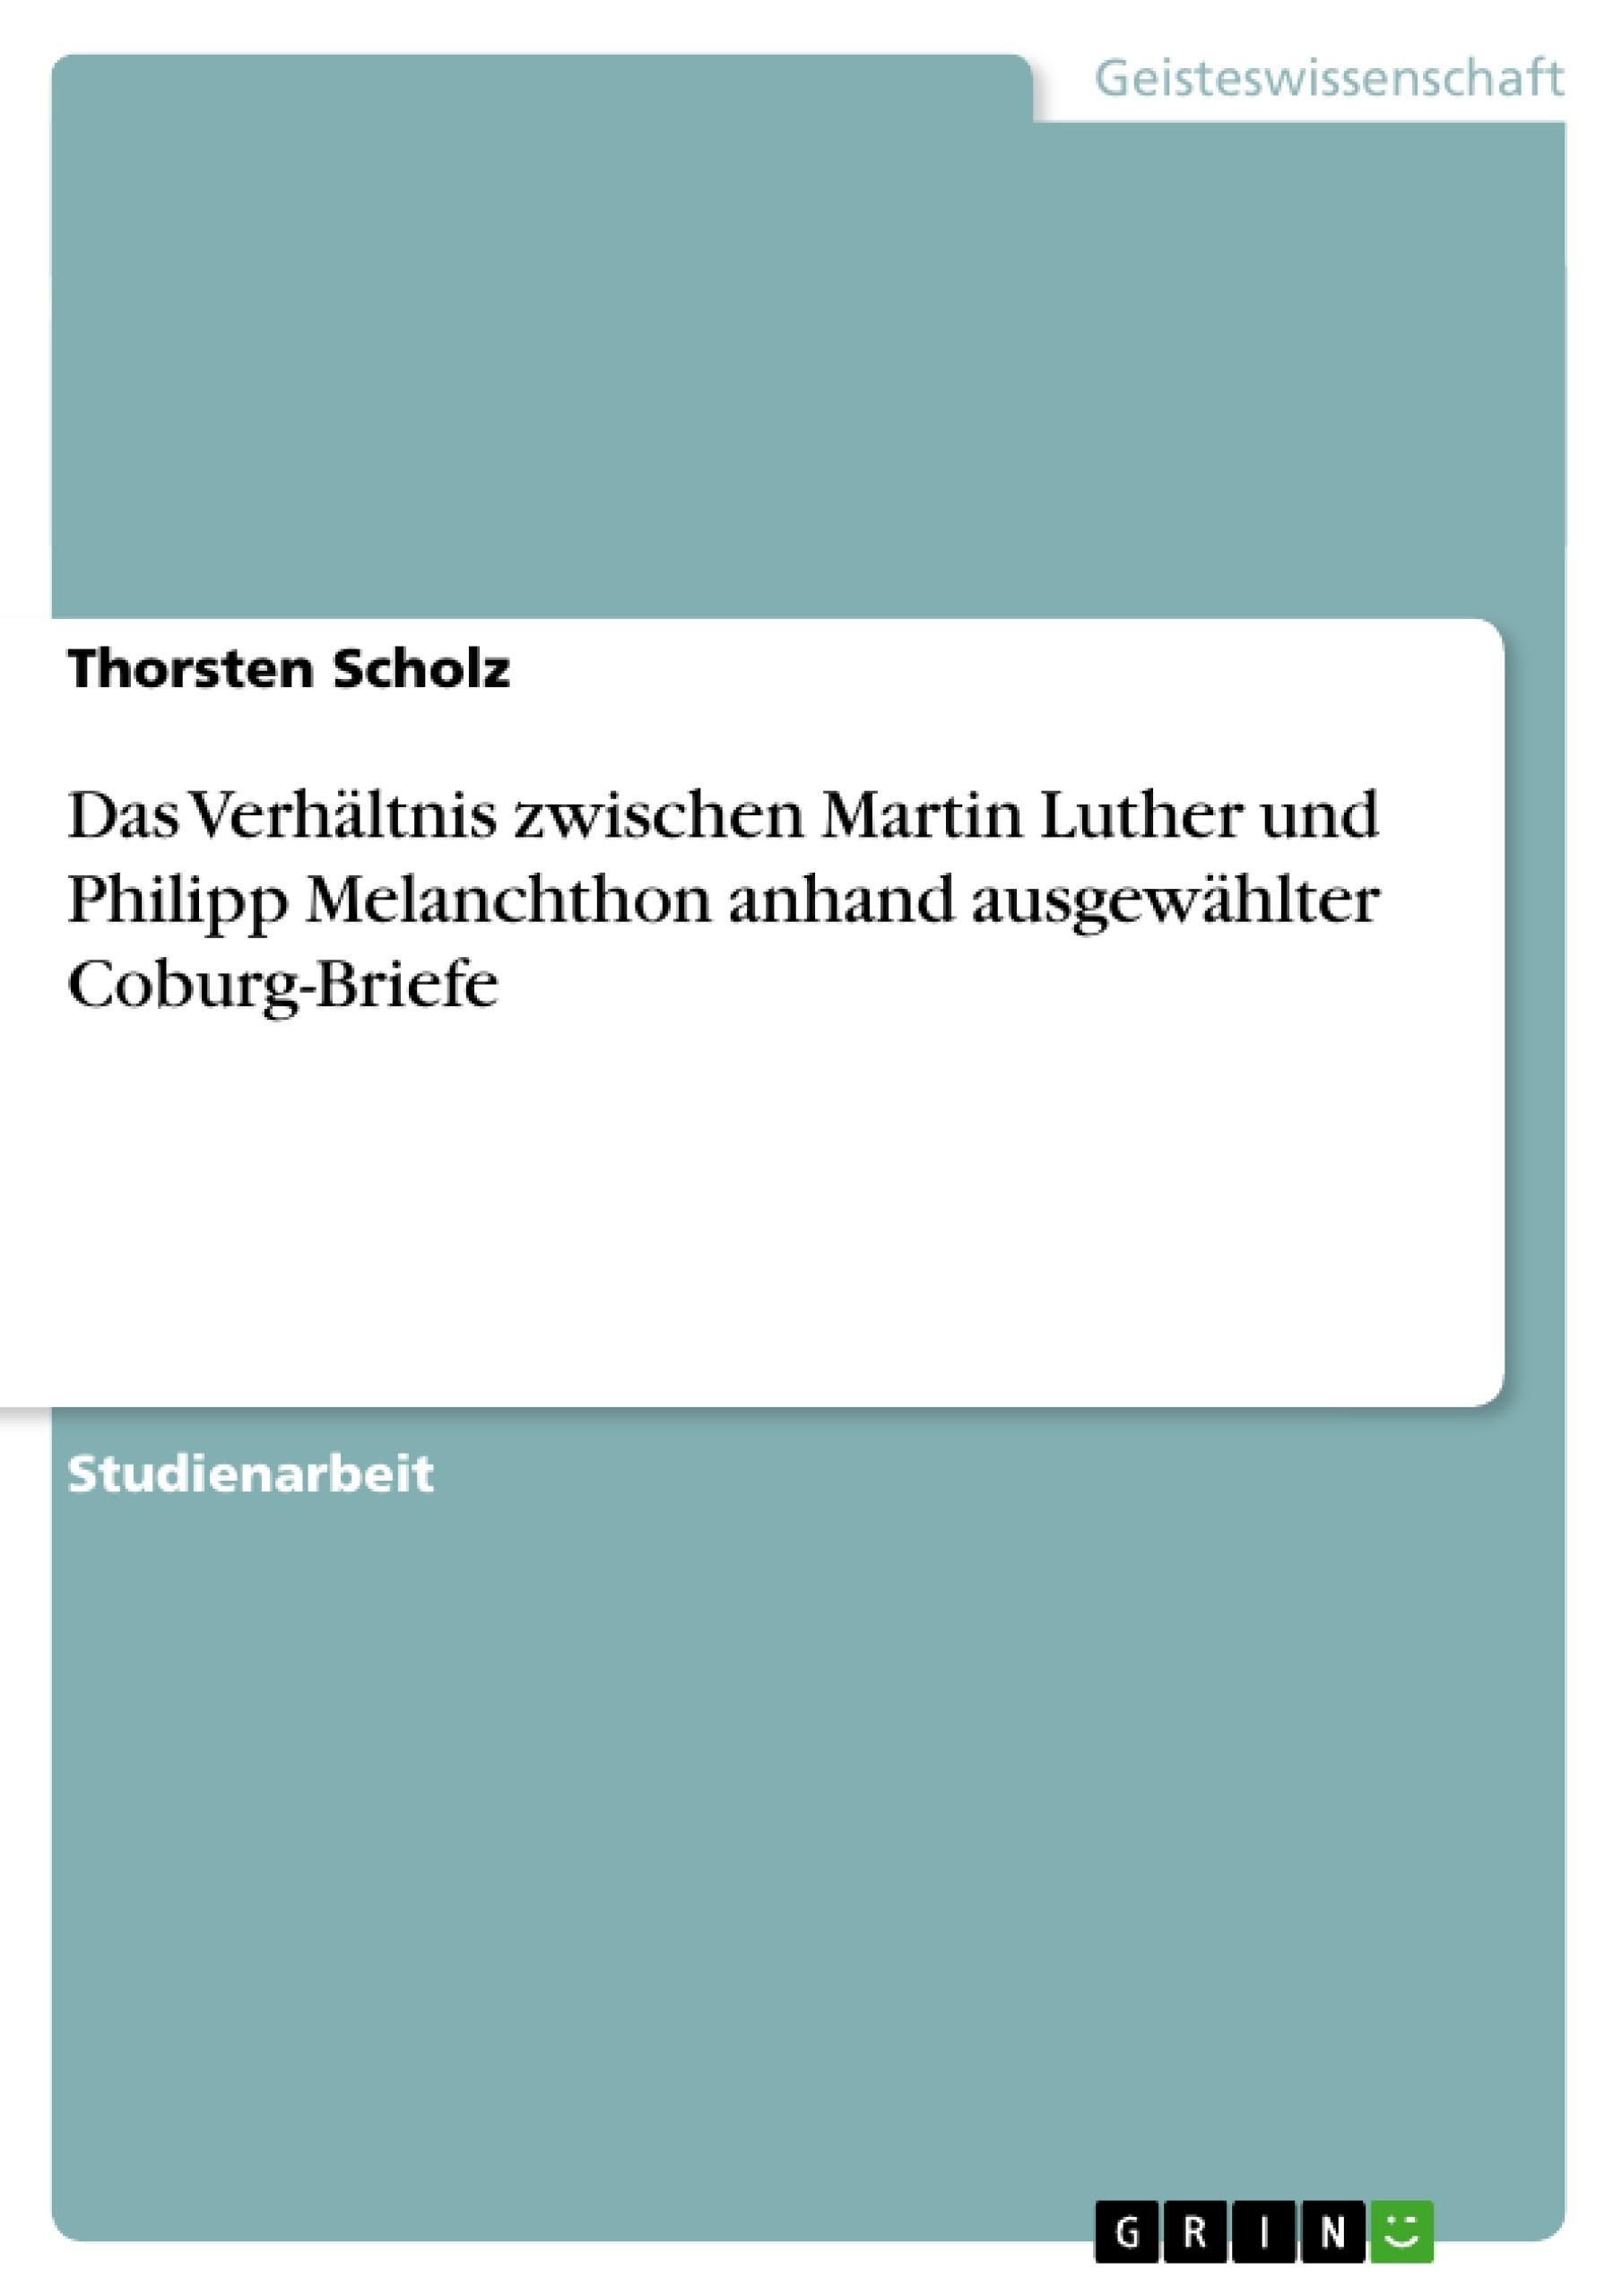 Titel: Das Verhältnis zwischen Martin Luther und Philipp Melanchthon anhand ausgewählter Coburg-Briefe